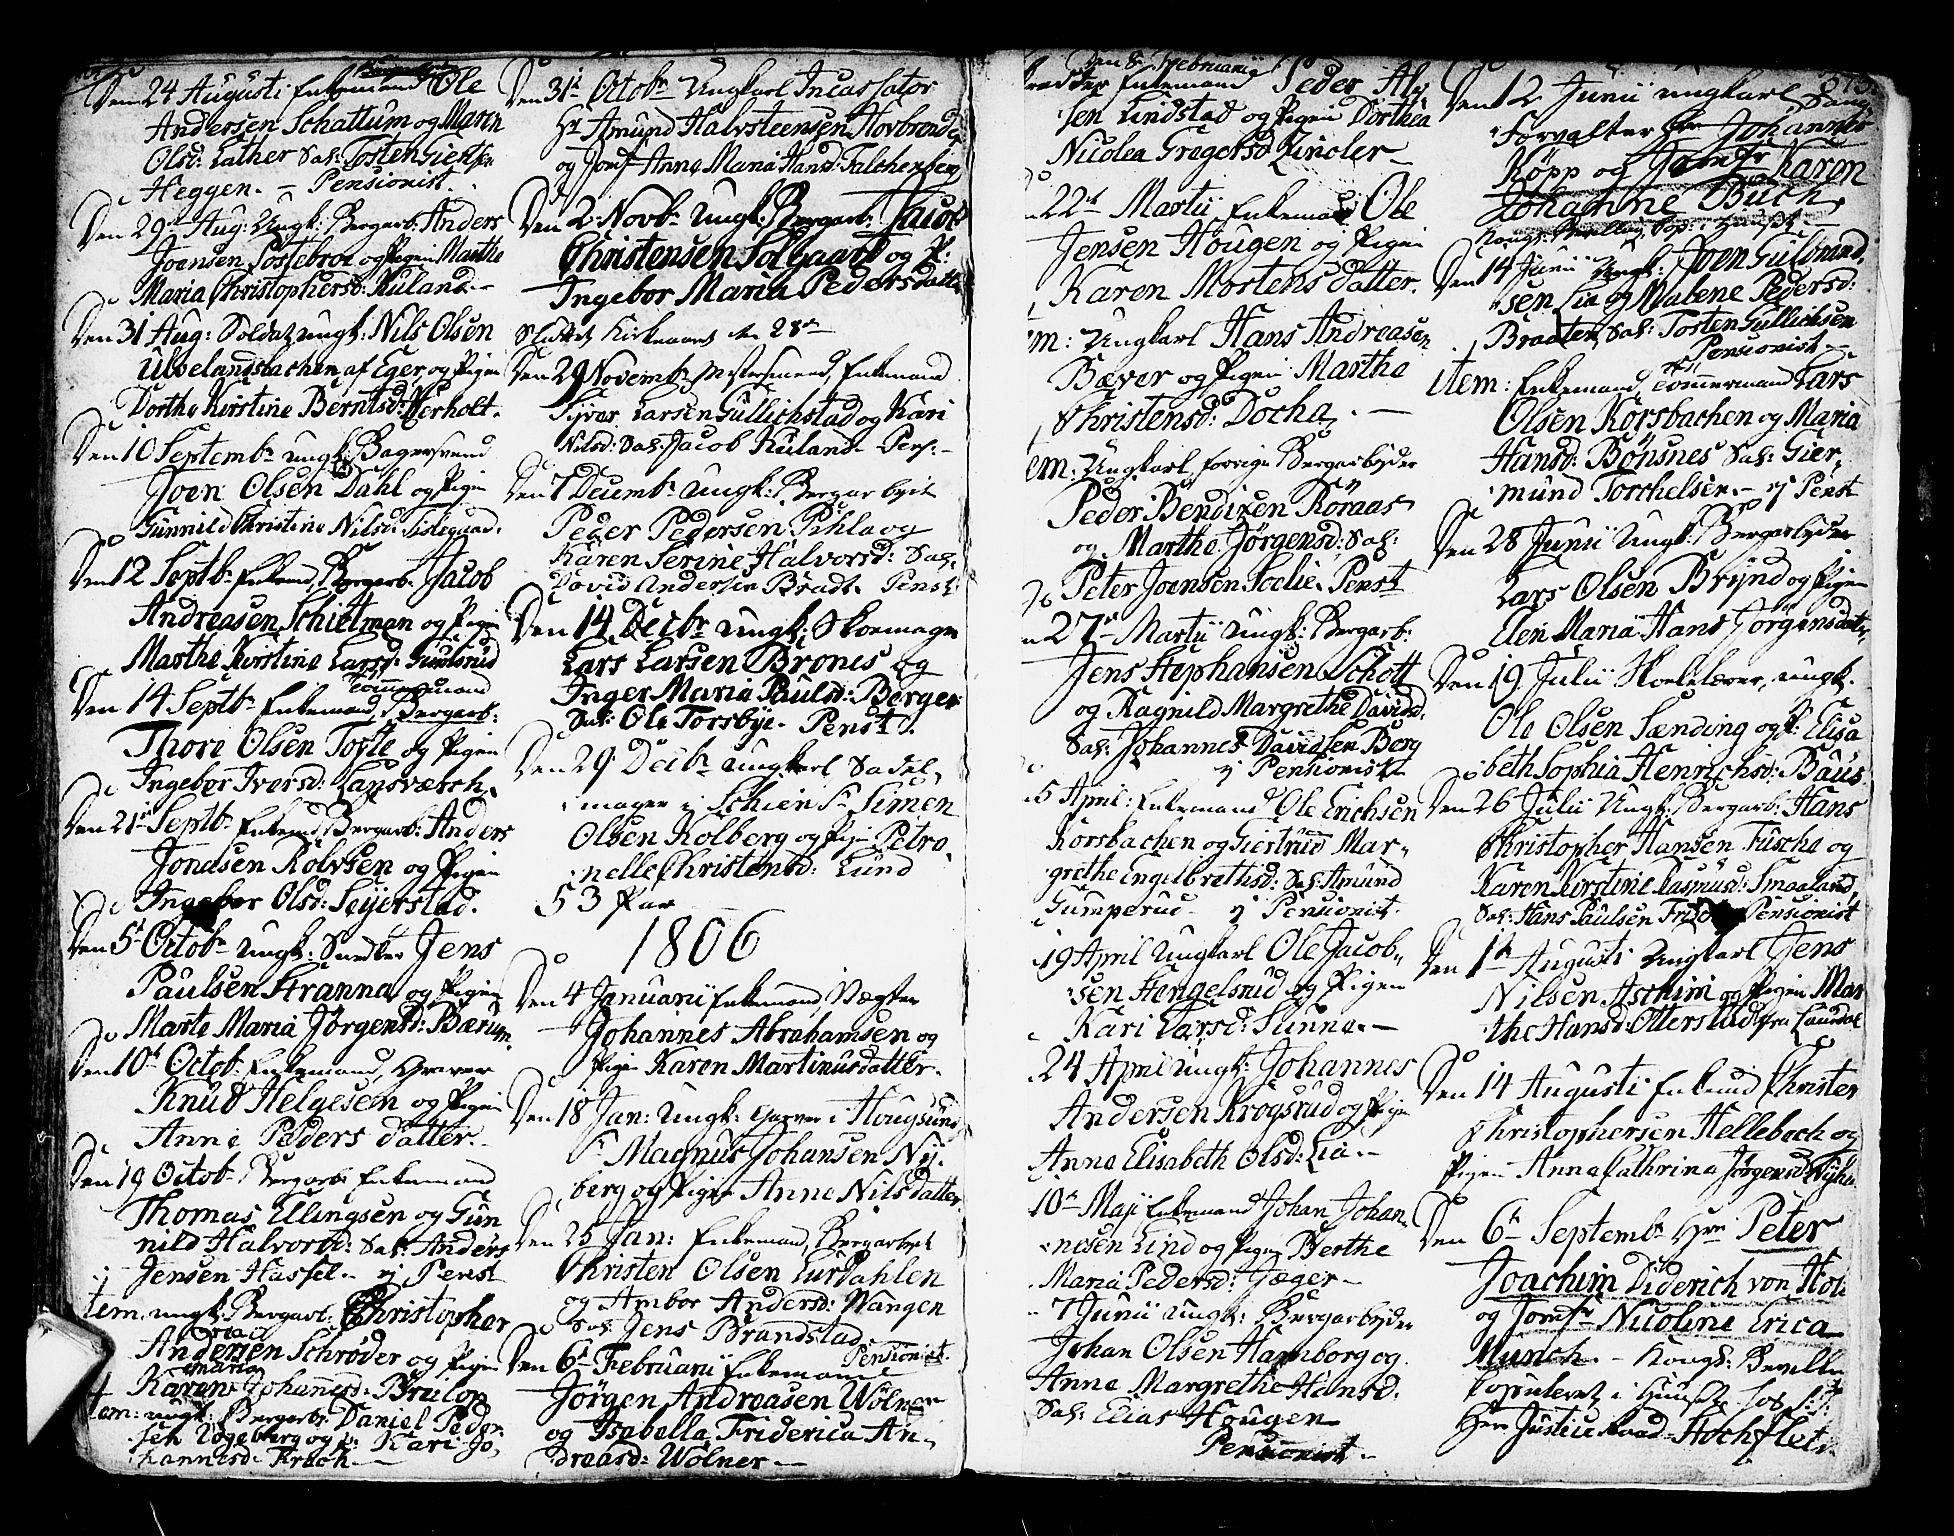 SAKO, Kongsberg kirkebøker, F/Fa/L0007: Ministerialbok nr. I 7, 1795-1816, s. 373